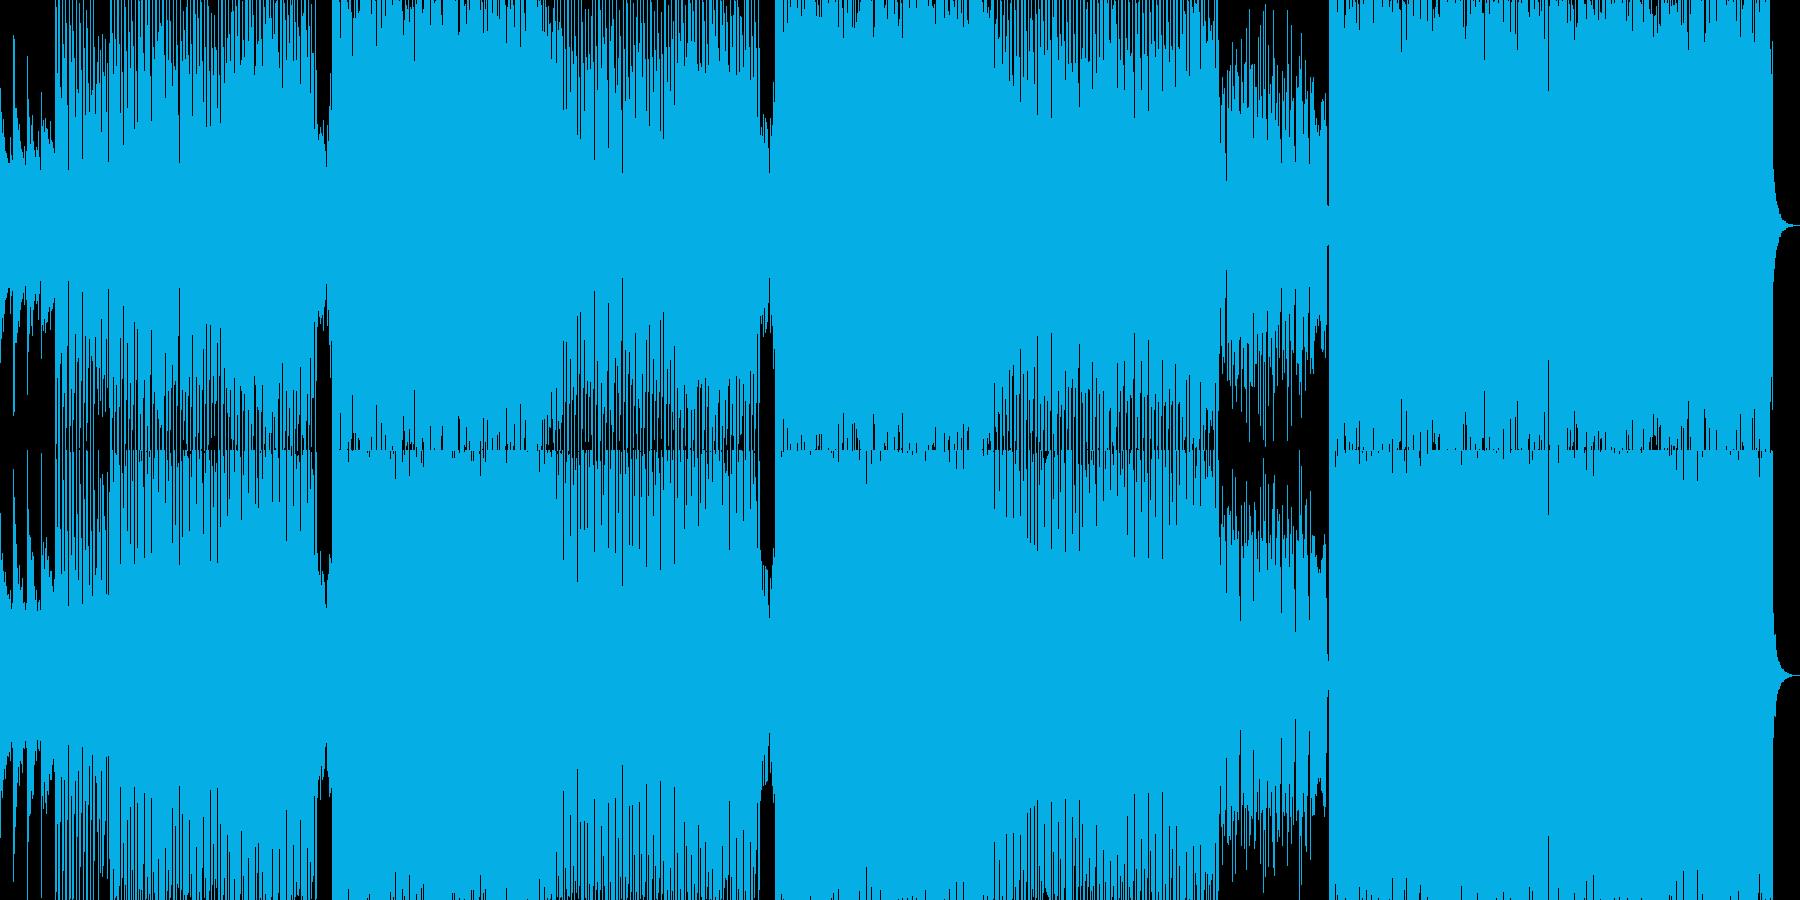 明るく優しく可愛らしいお洒落ポップ曲の再生済みの波形